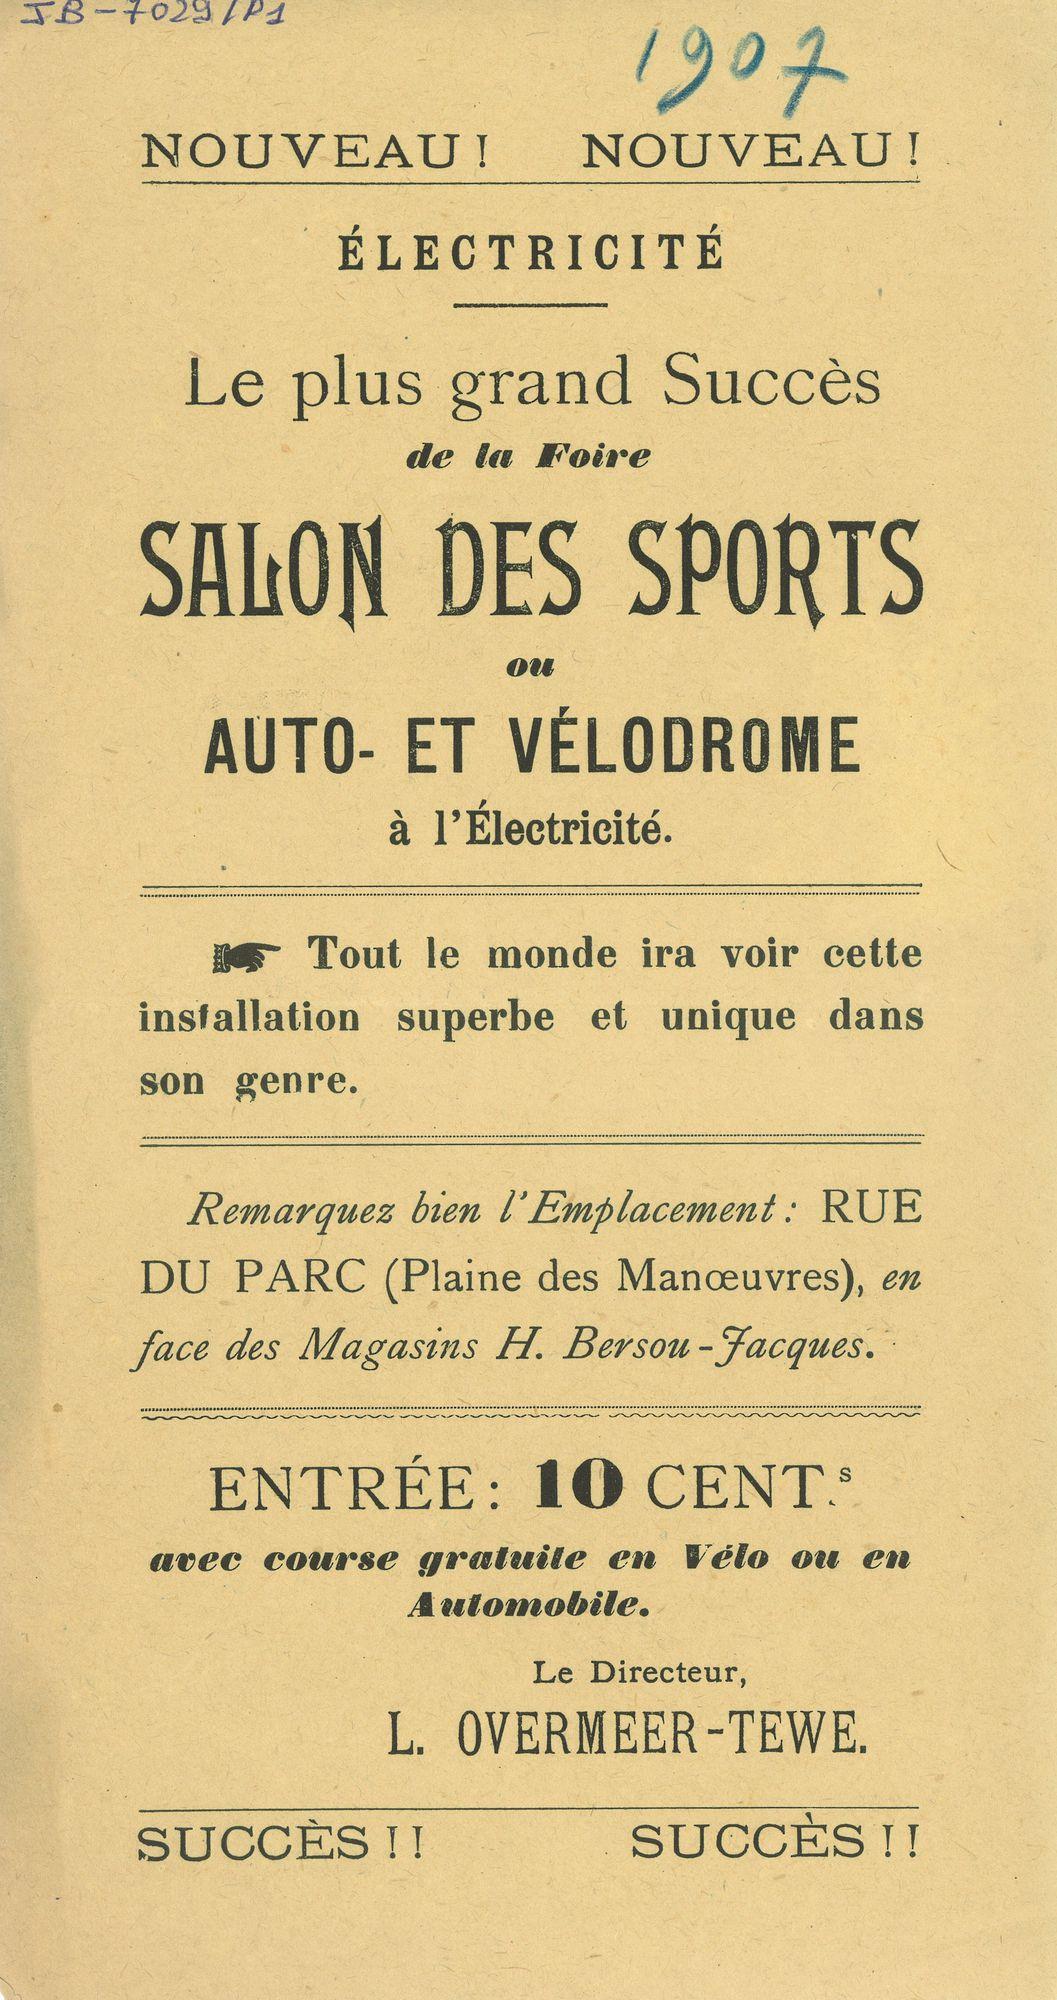 Paasfoor 1907: Salon des Sports L. Overmeer-Tewe